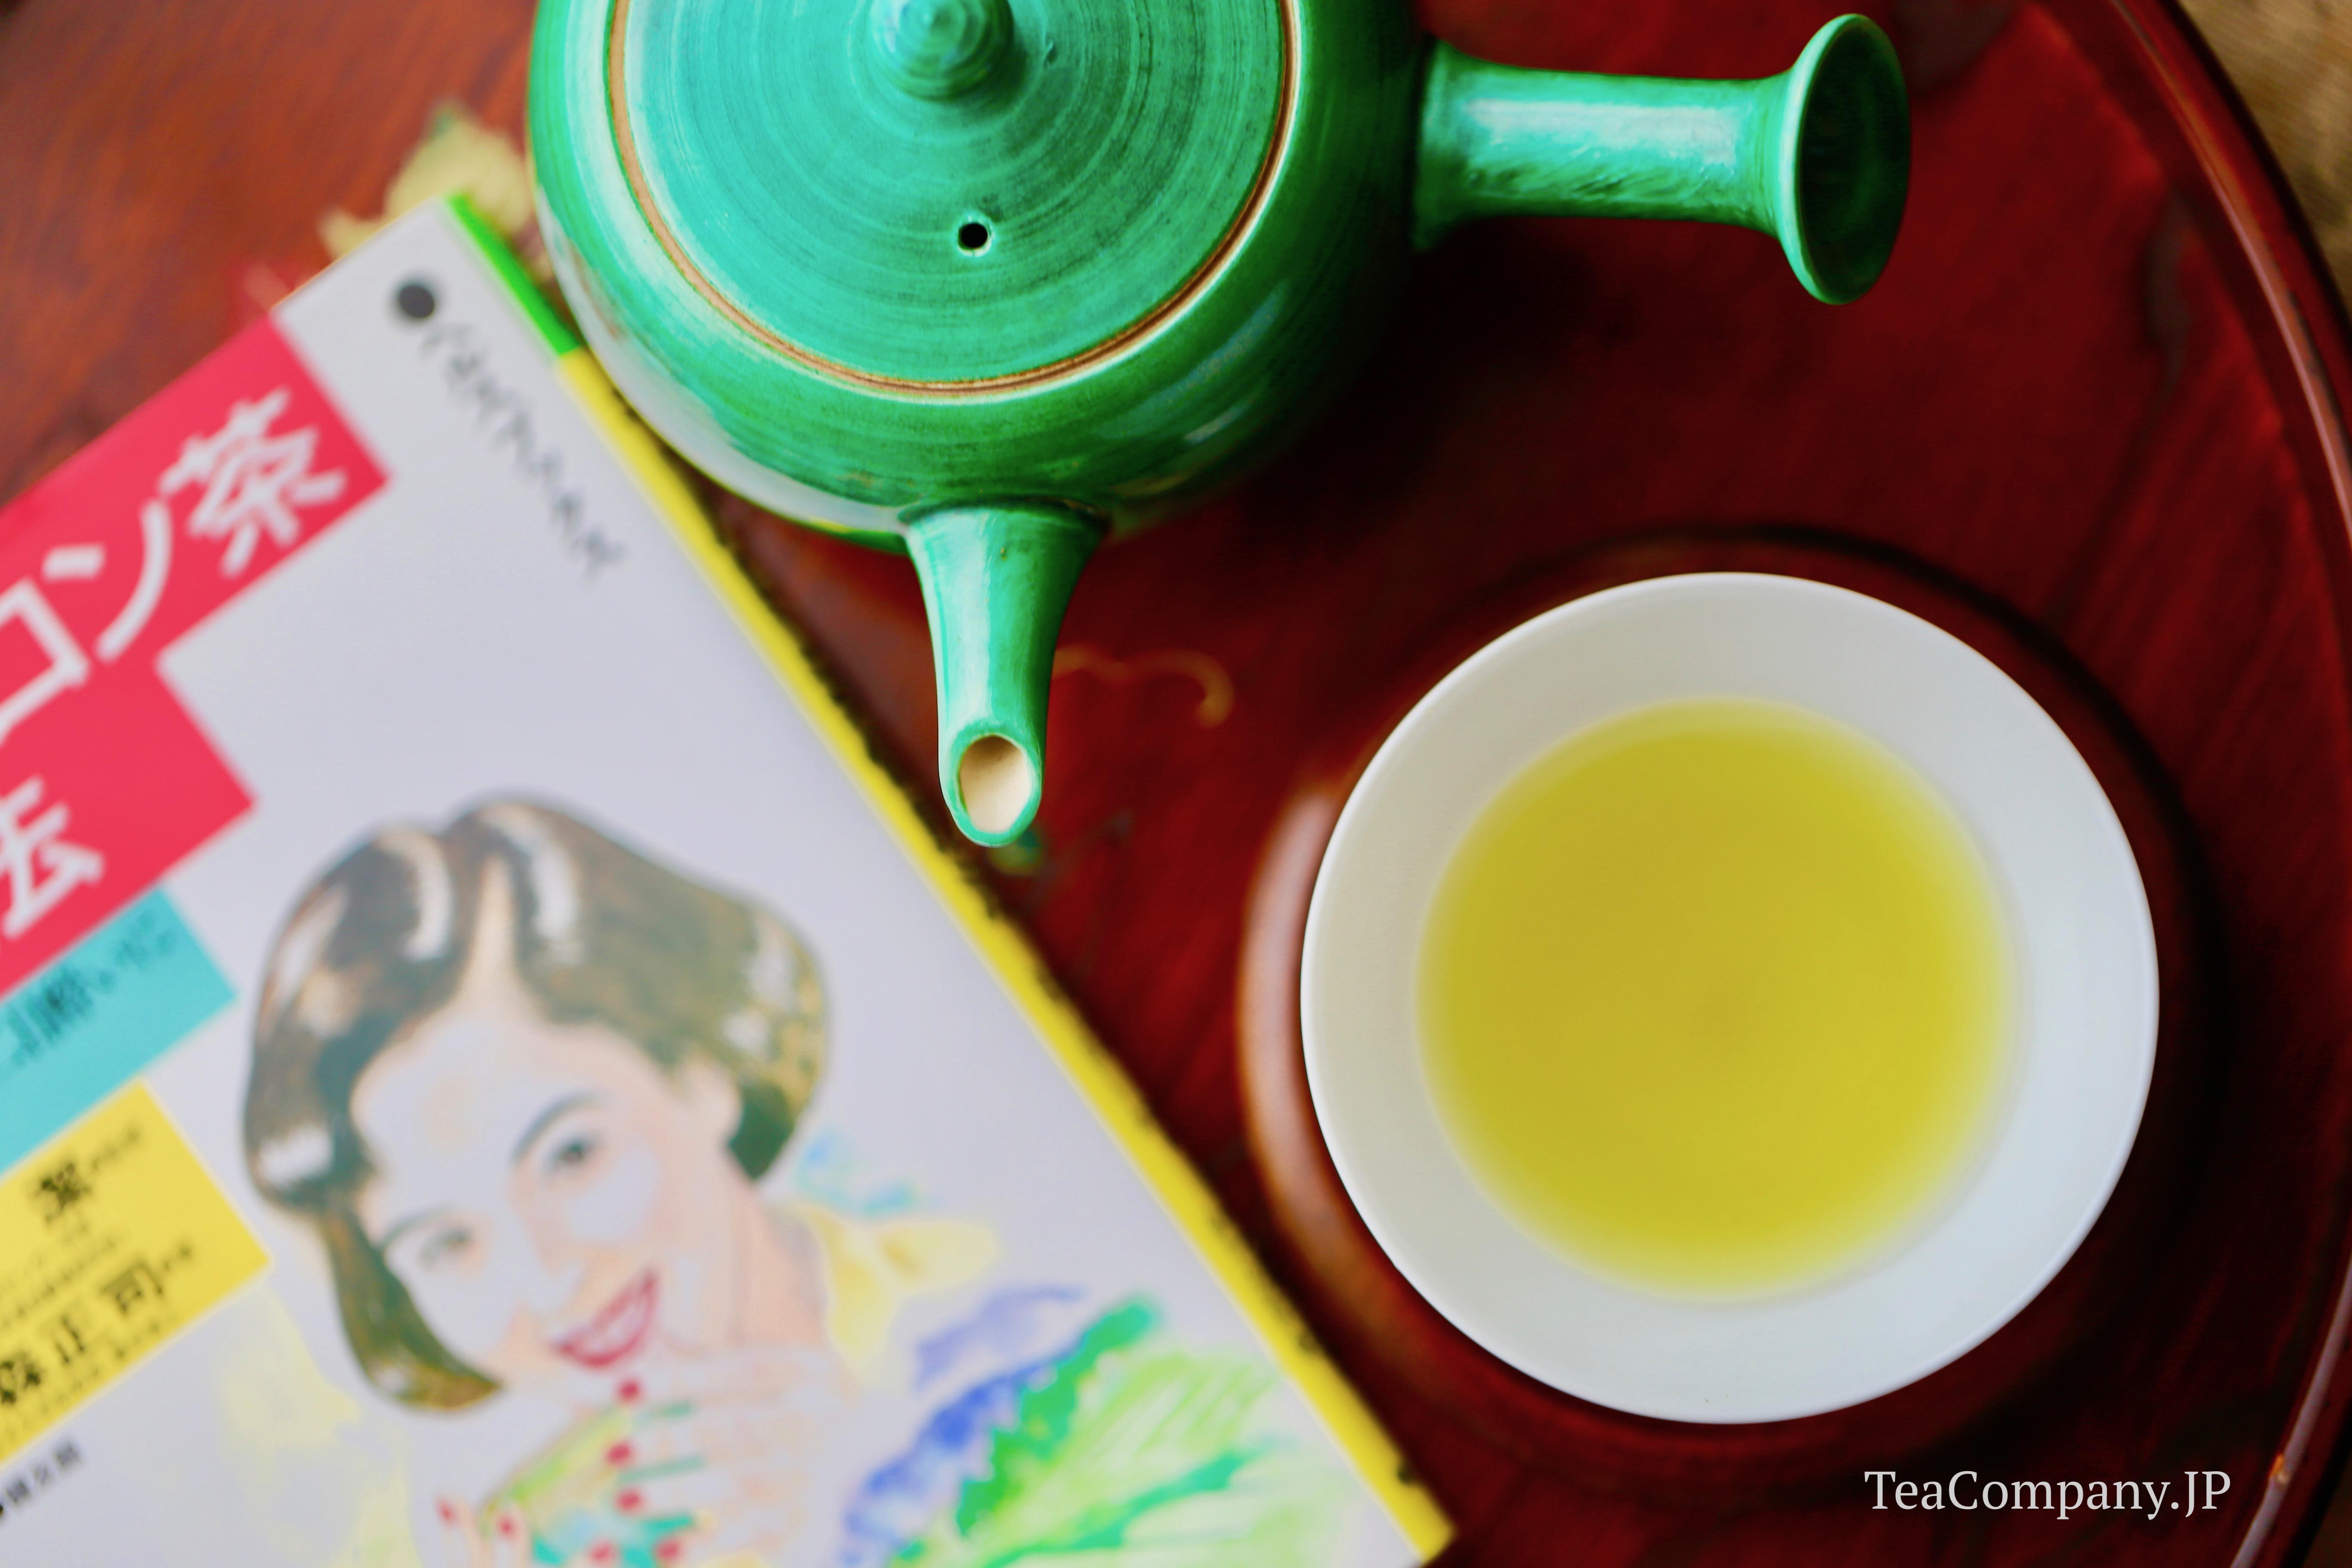 габа чай Япония